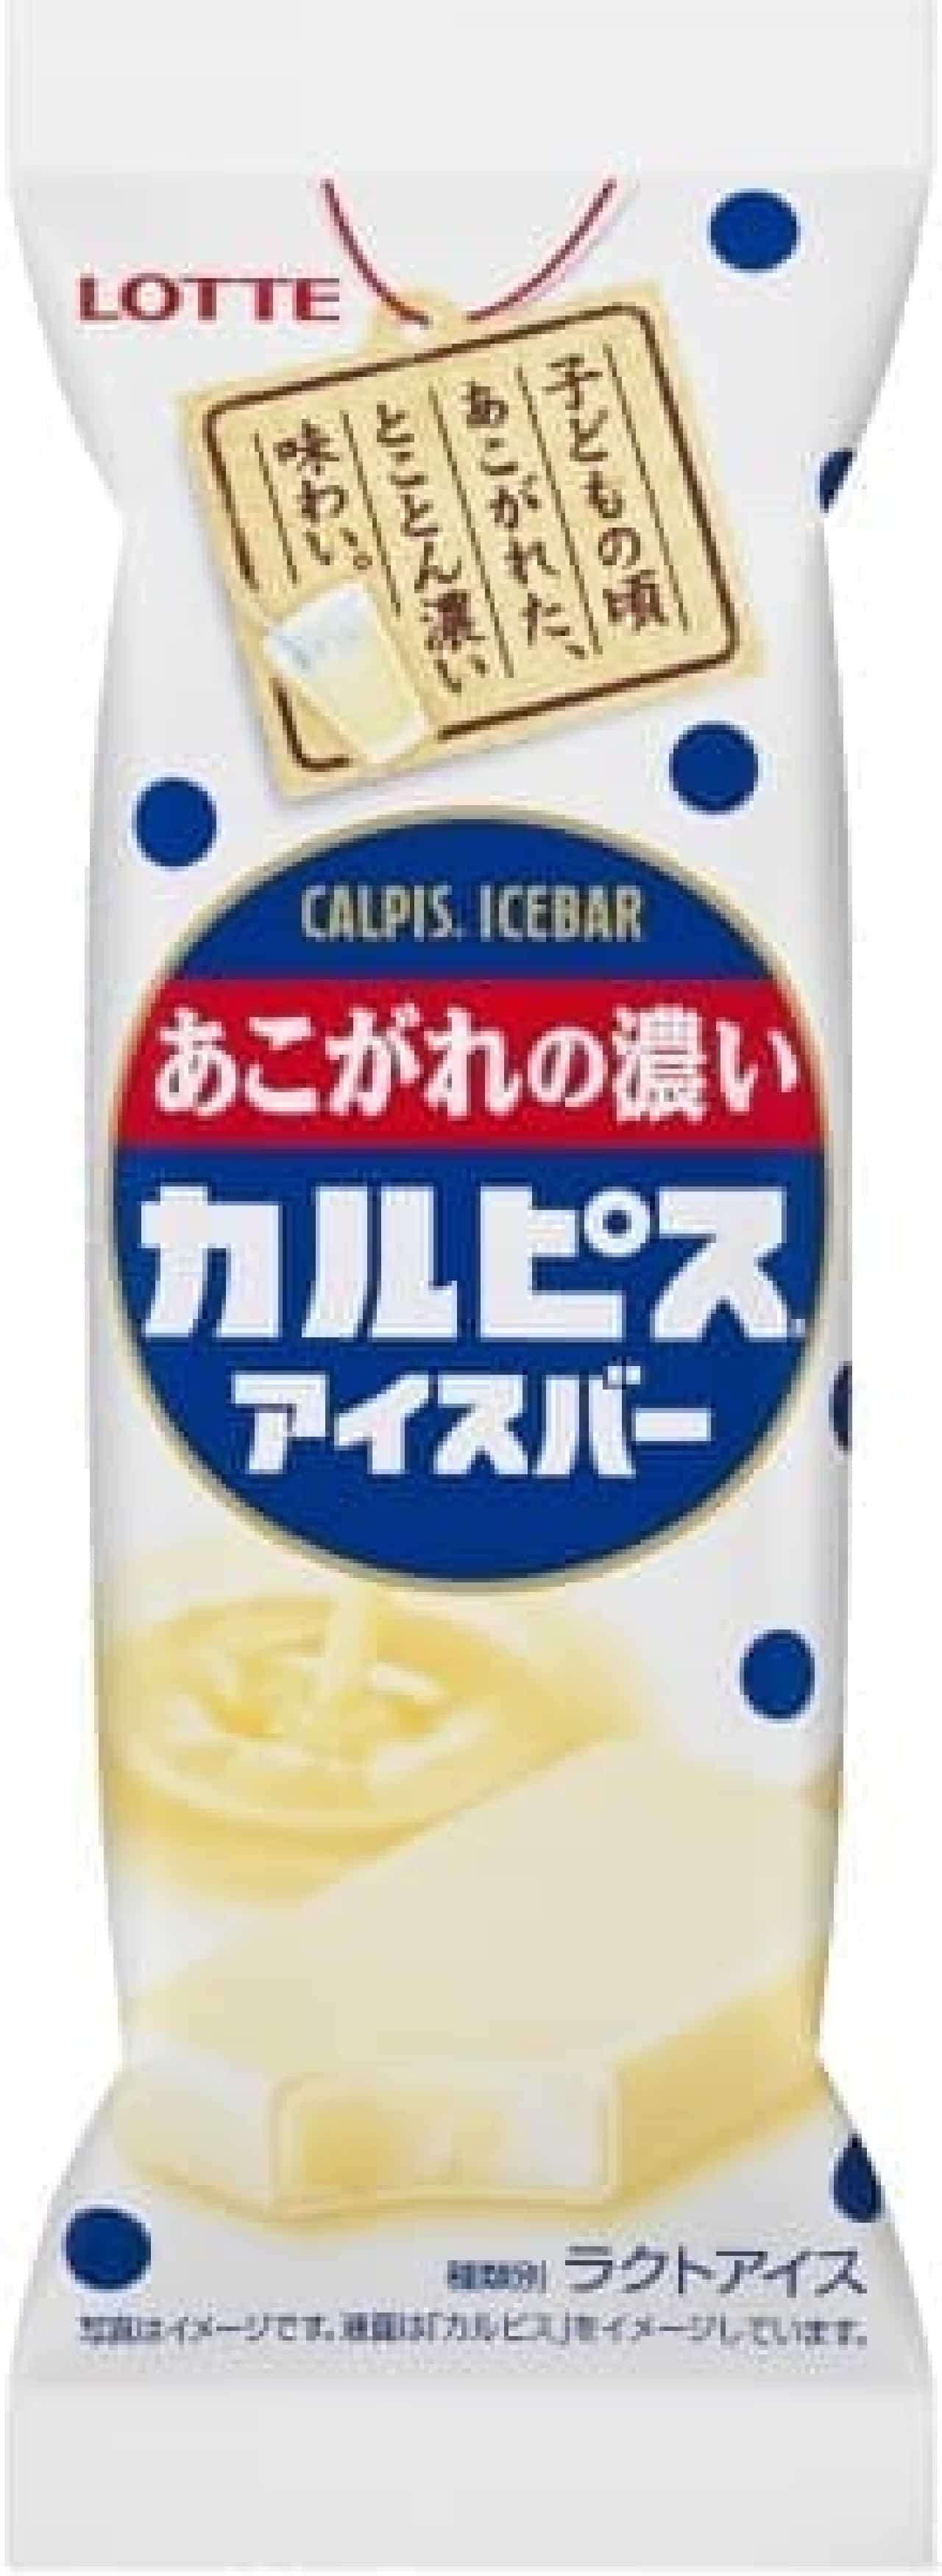 とことん濃い味!カルピスのアイスバー